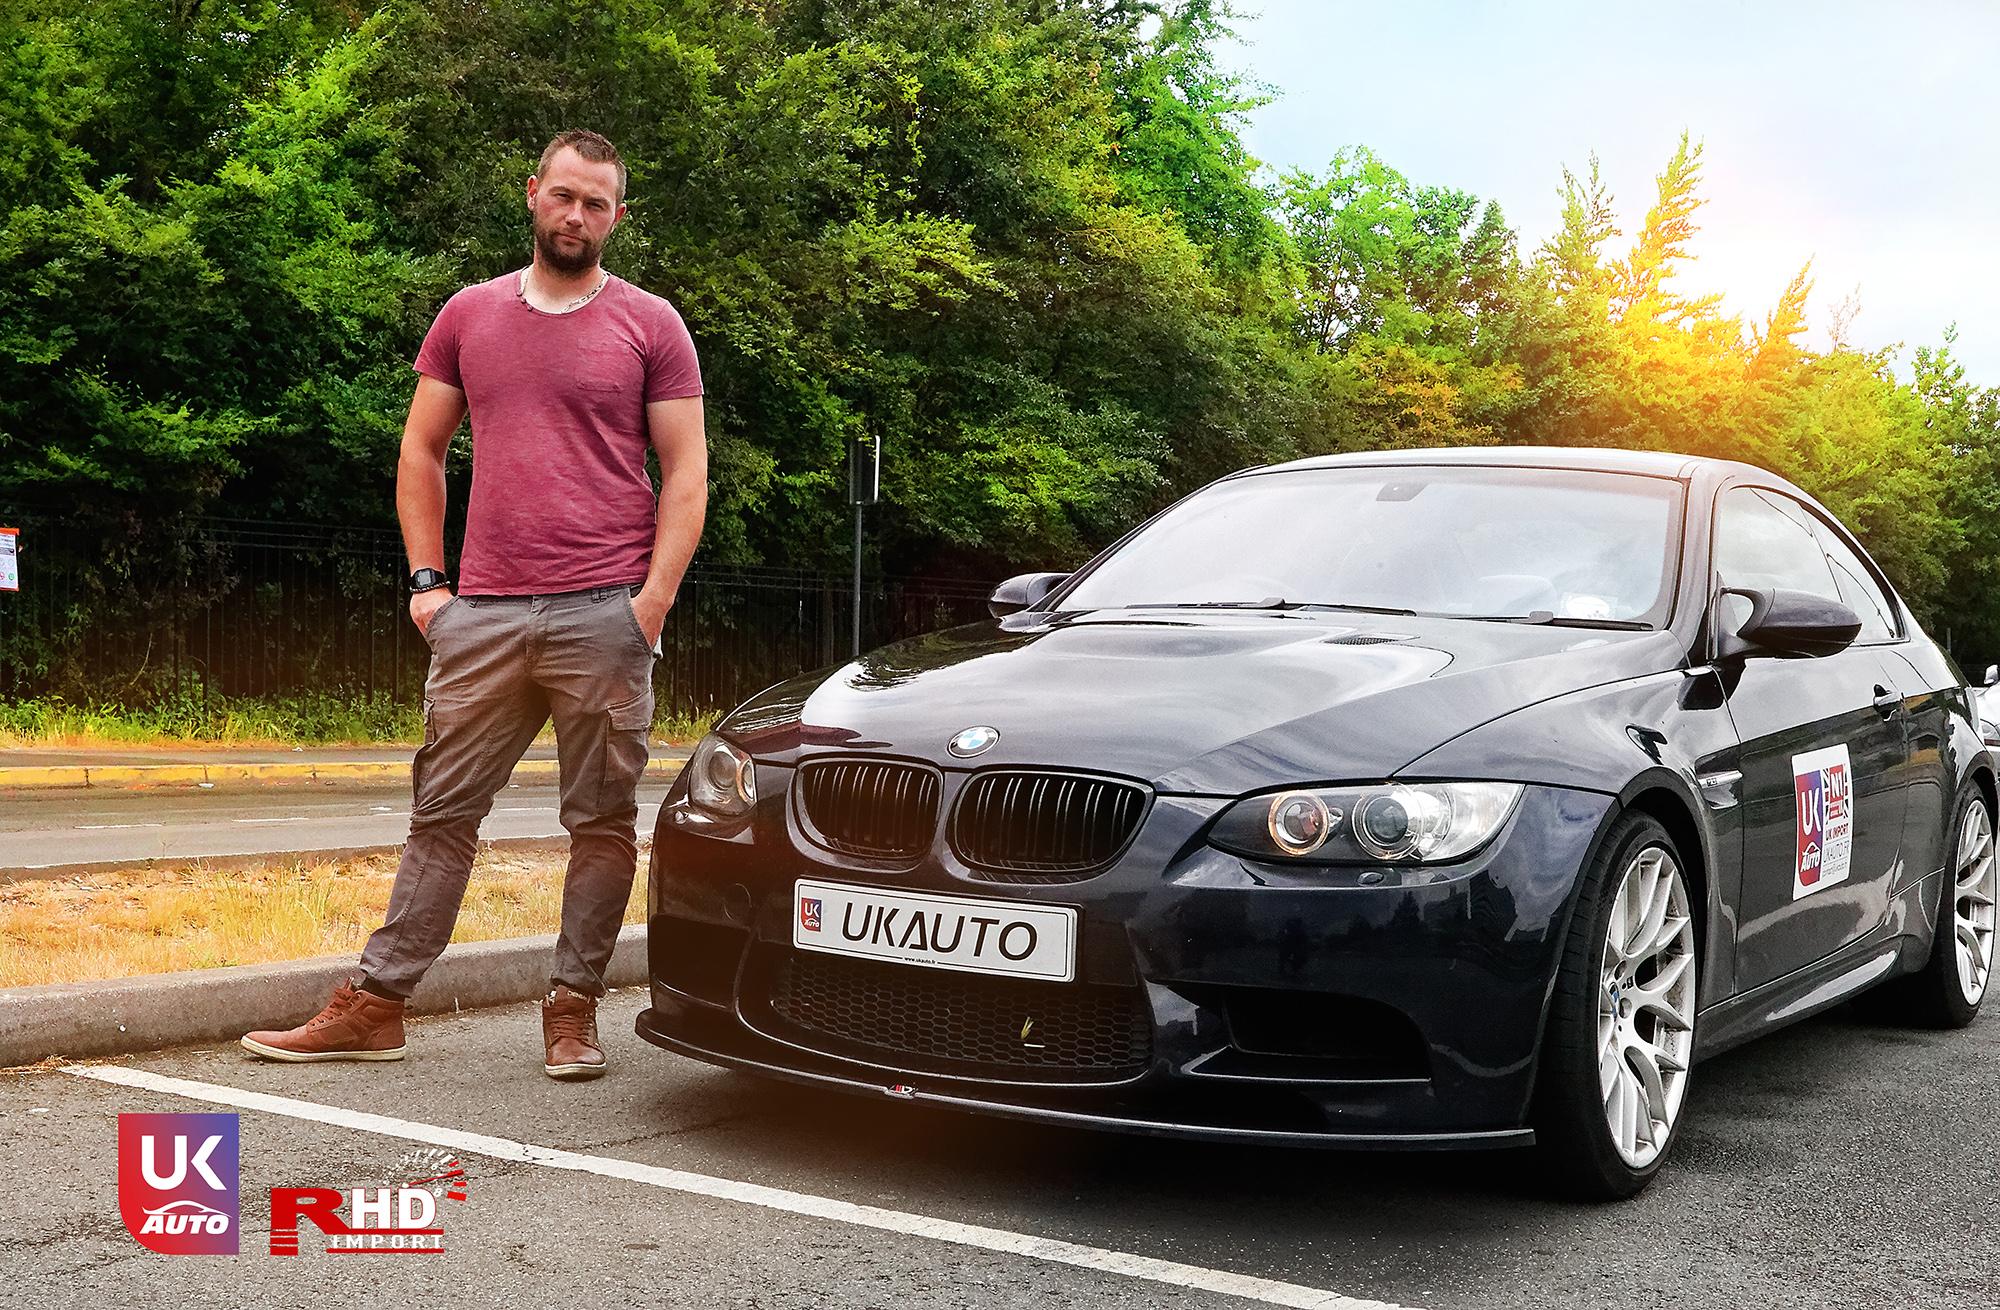 BMW m3 rhd ukauto importer voiture angleterre uk14 - Felecitation a Sylvain Pour cette BMW M3 E92 RHD pour avoir acheter une voiture en angleterre avant le brexit